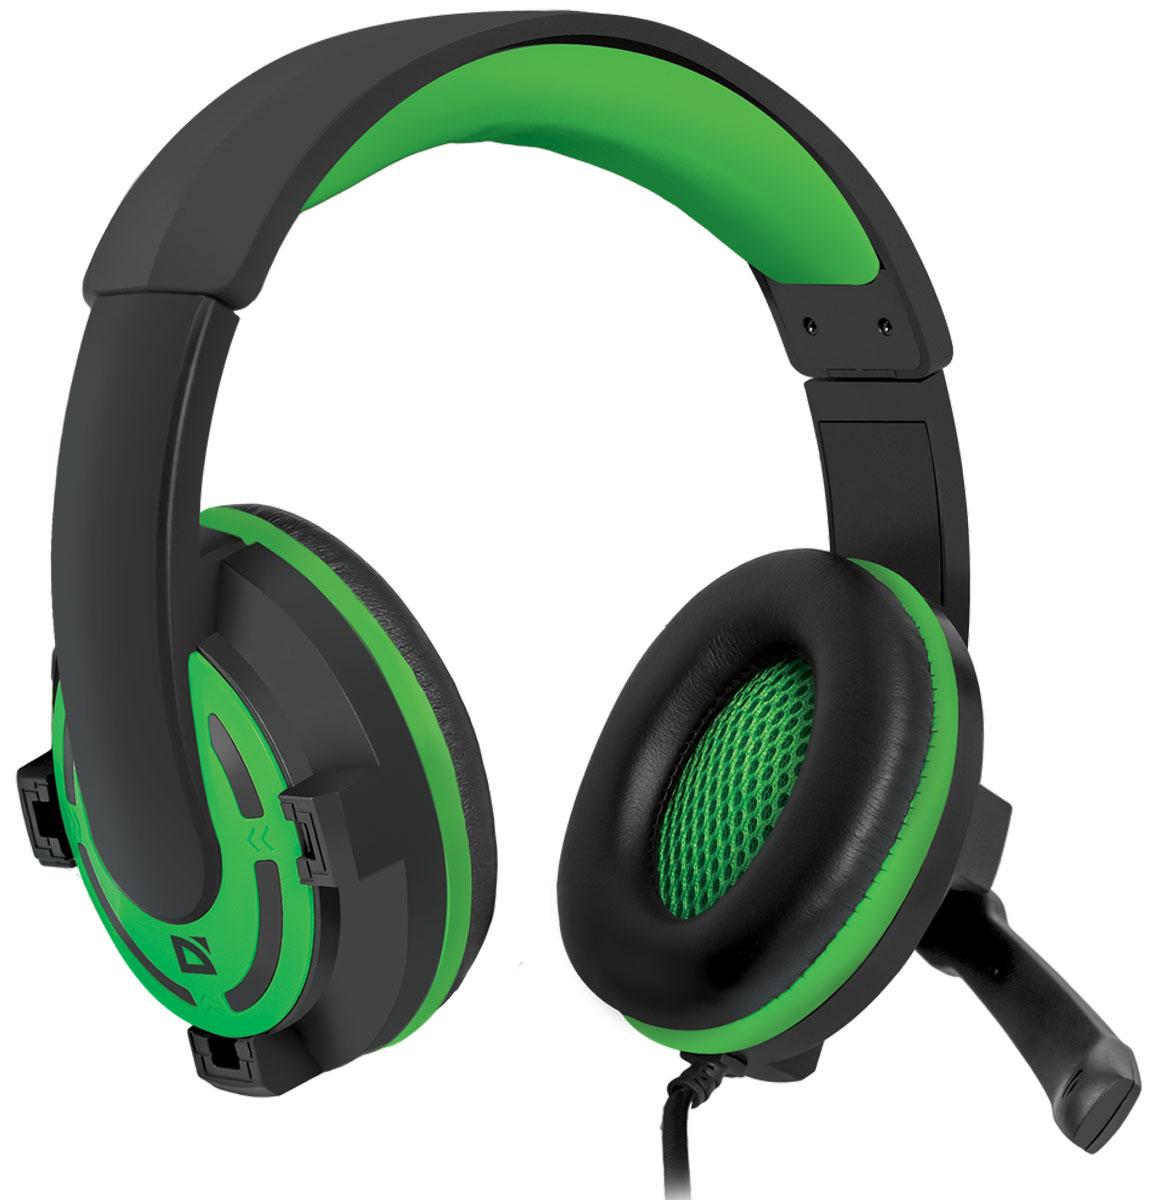 Defender Warhead G-300, Green игровая гарнитура64128Наушники закрытого типа Defender Warhead G-300 с большими 40 мм динамиками гарантируют мощный чистый звук. На кабеле гарнитуры удобно расположен регулятор громкости. Благодаря надежной звукоизоляции и комфортным амбушюрам вы сможете играть или слушать музыку с комфортом - ничто не будет вам мешать!Частотный диапазон микрофона: 20 Гц - 16 кГцСопротивление микрофона: 2,2 кОмаЧувствительность микрофона: 54 дБКак выбрать игровые наушники. Статья OZON Гид